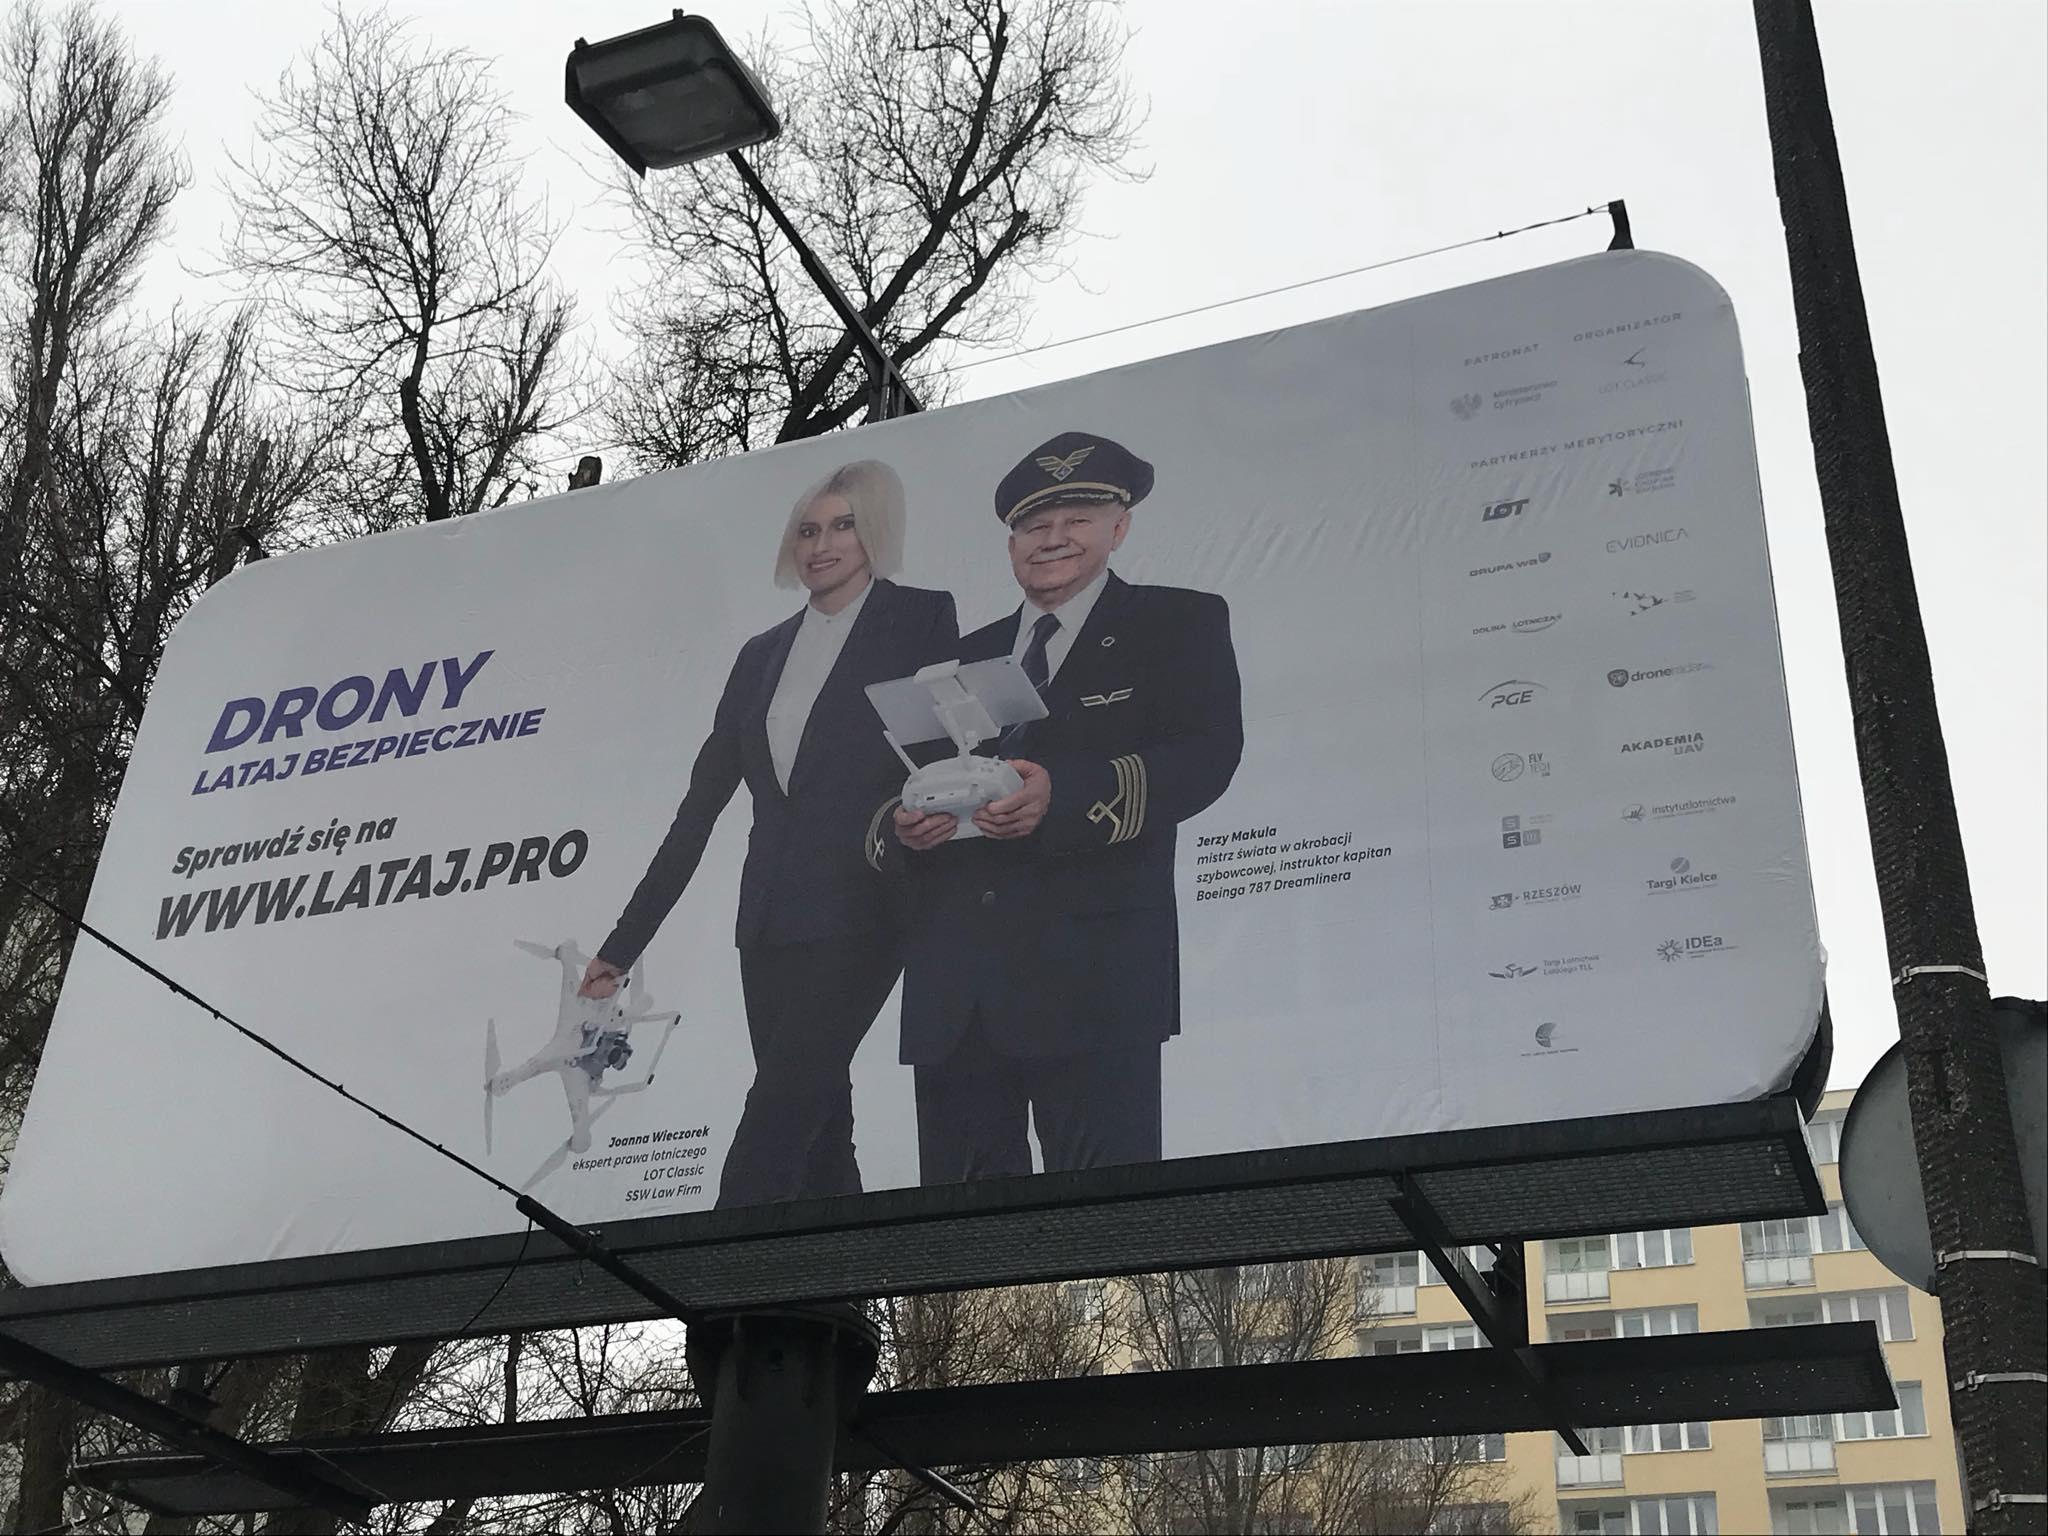 """""""Drony - lataj bezpiecznie"""" - billboard"""